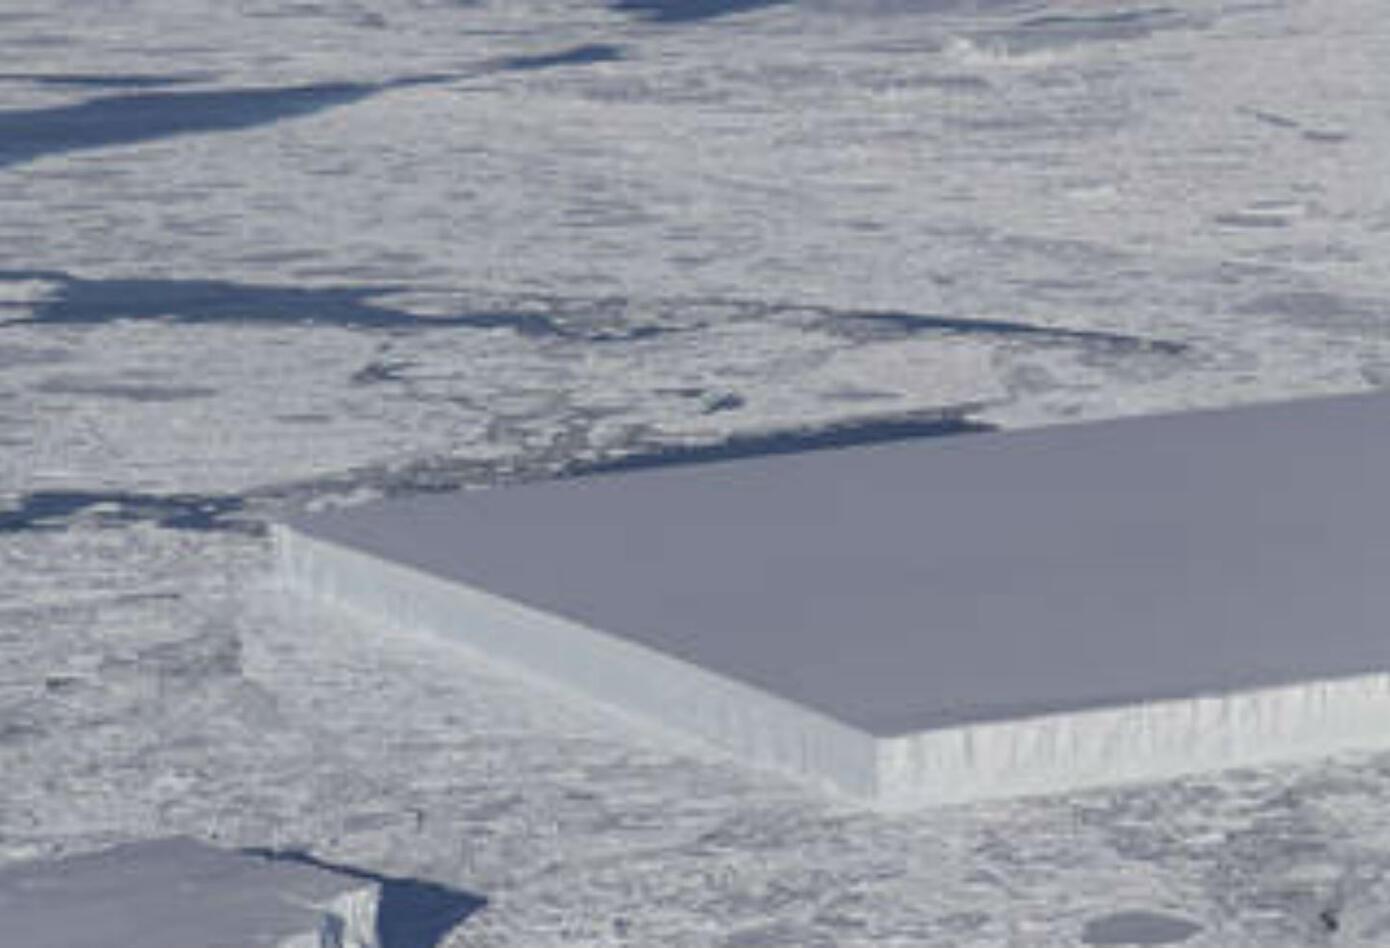 El descubrimiento se produjo durante uno de los vuelos realizados por la denominada Operación IceBridge el pasado 16 de octubre